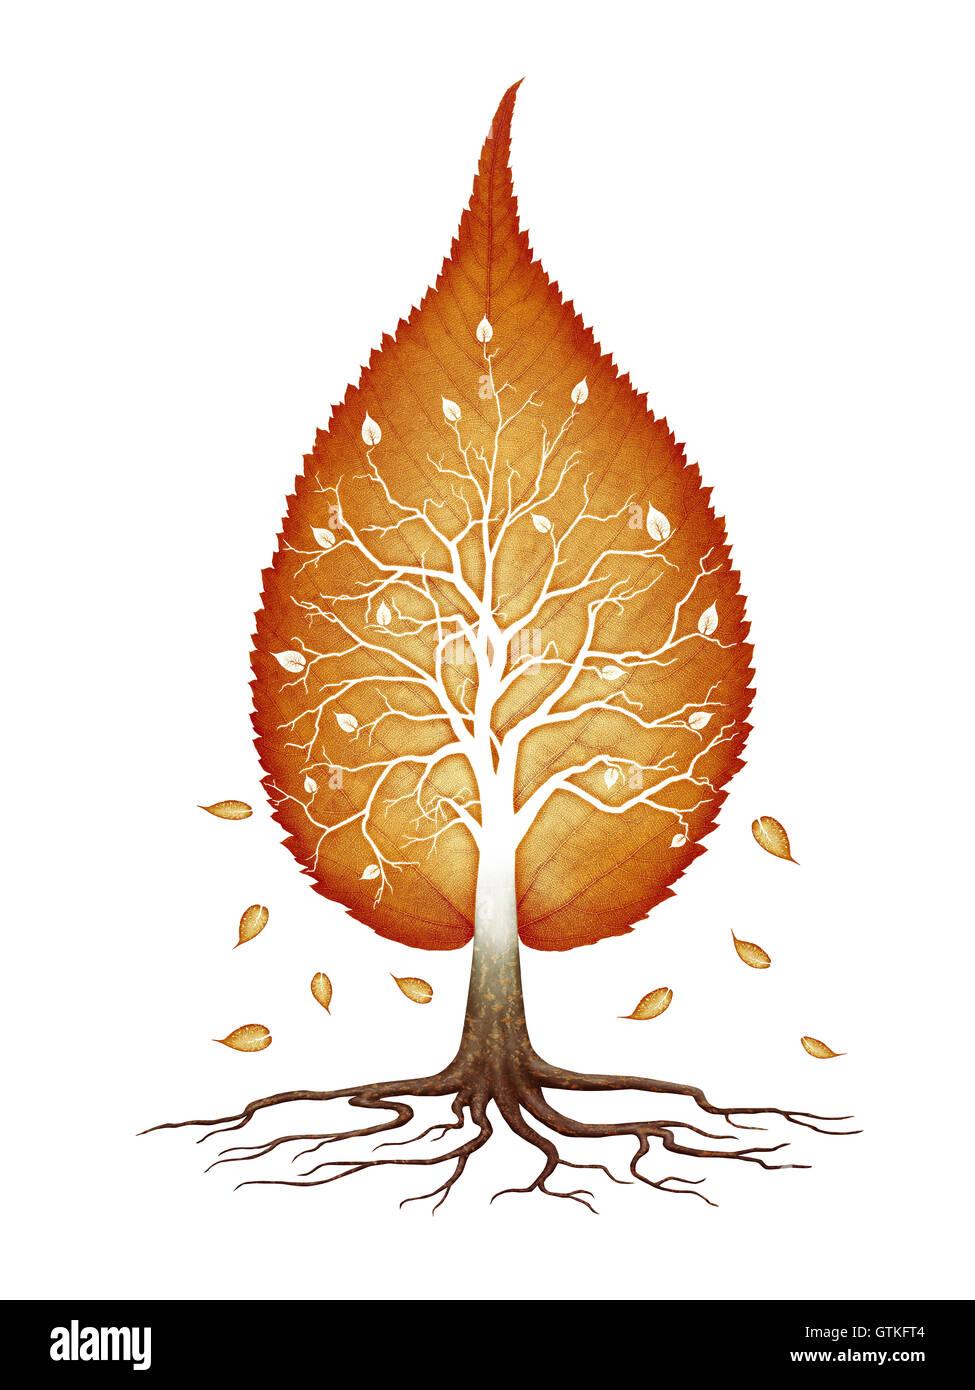 Roter Herbst Blatt geformt Baum mit Ästen und Wurzeln Natur unendliche Fraktale, spirituelle Zen, Lebenszyklus Stockbild